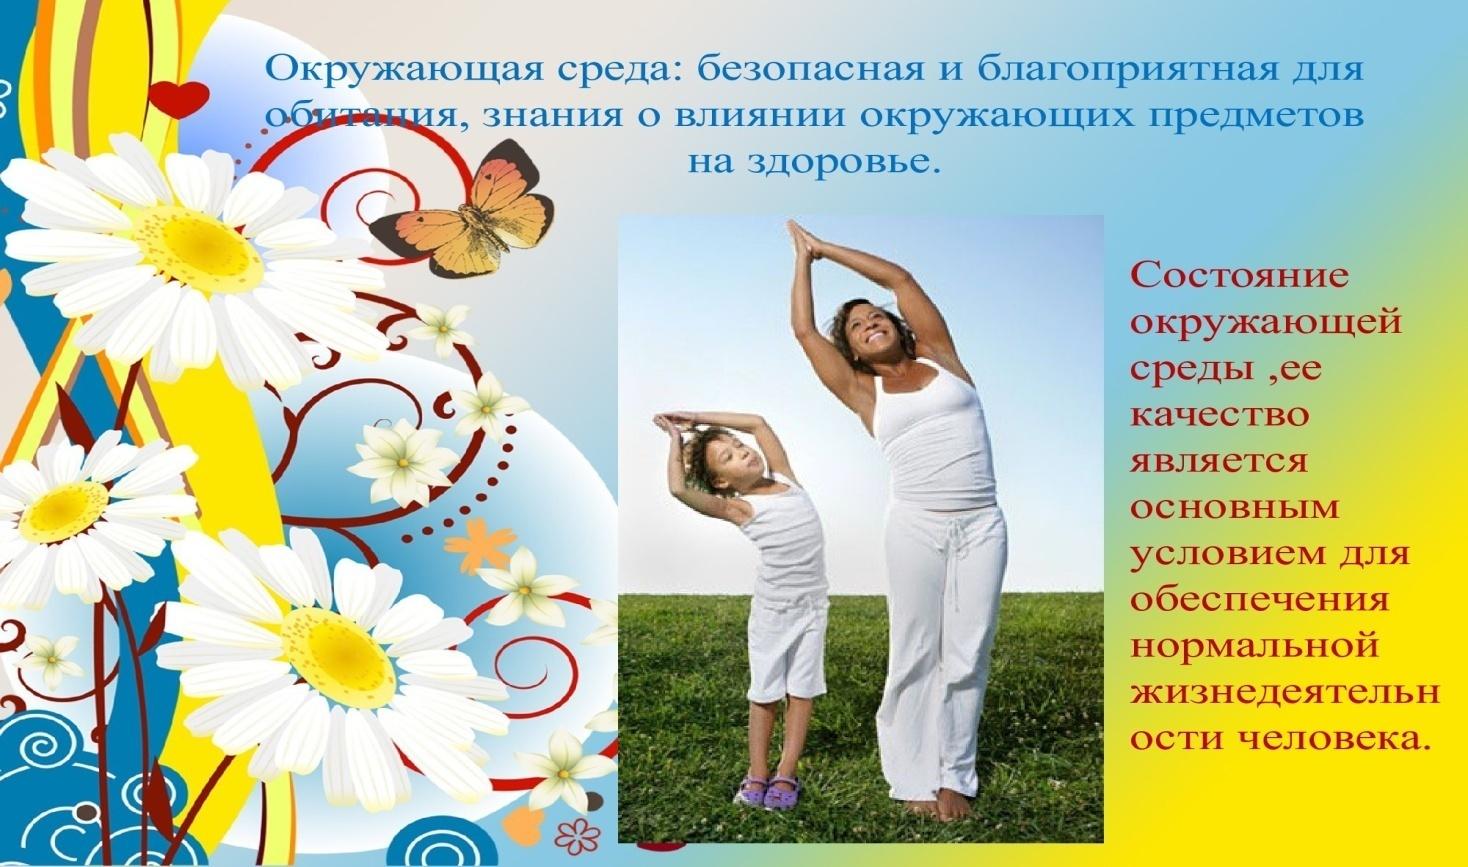 C:\Users\1\Desktop\Здоровый образ жизни- это здорово!\0d3f49af958f89a9-5.jpg